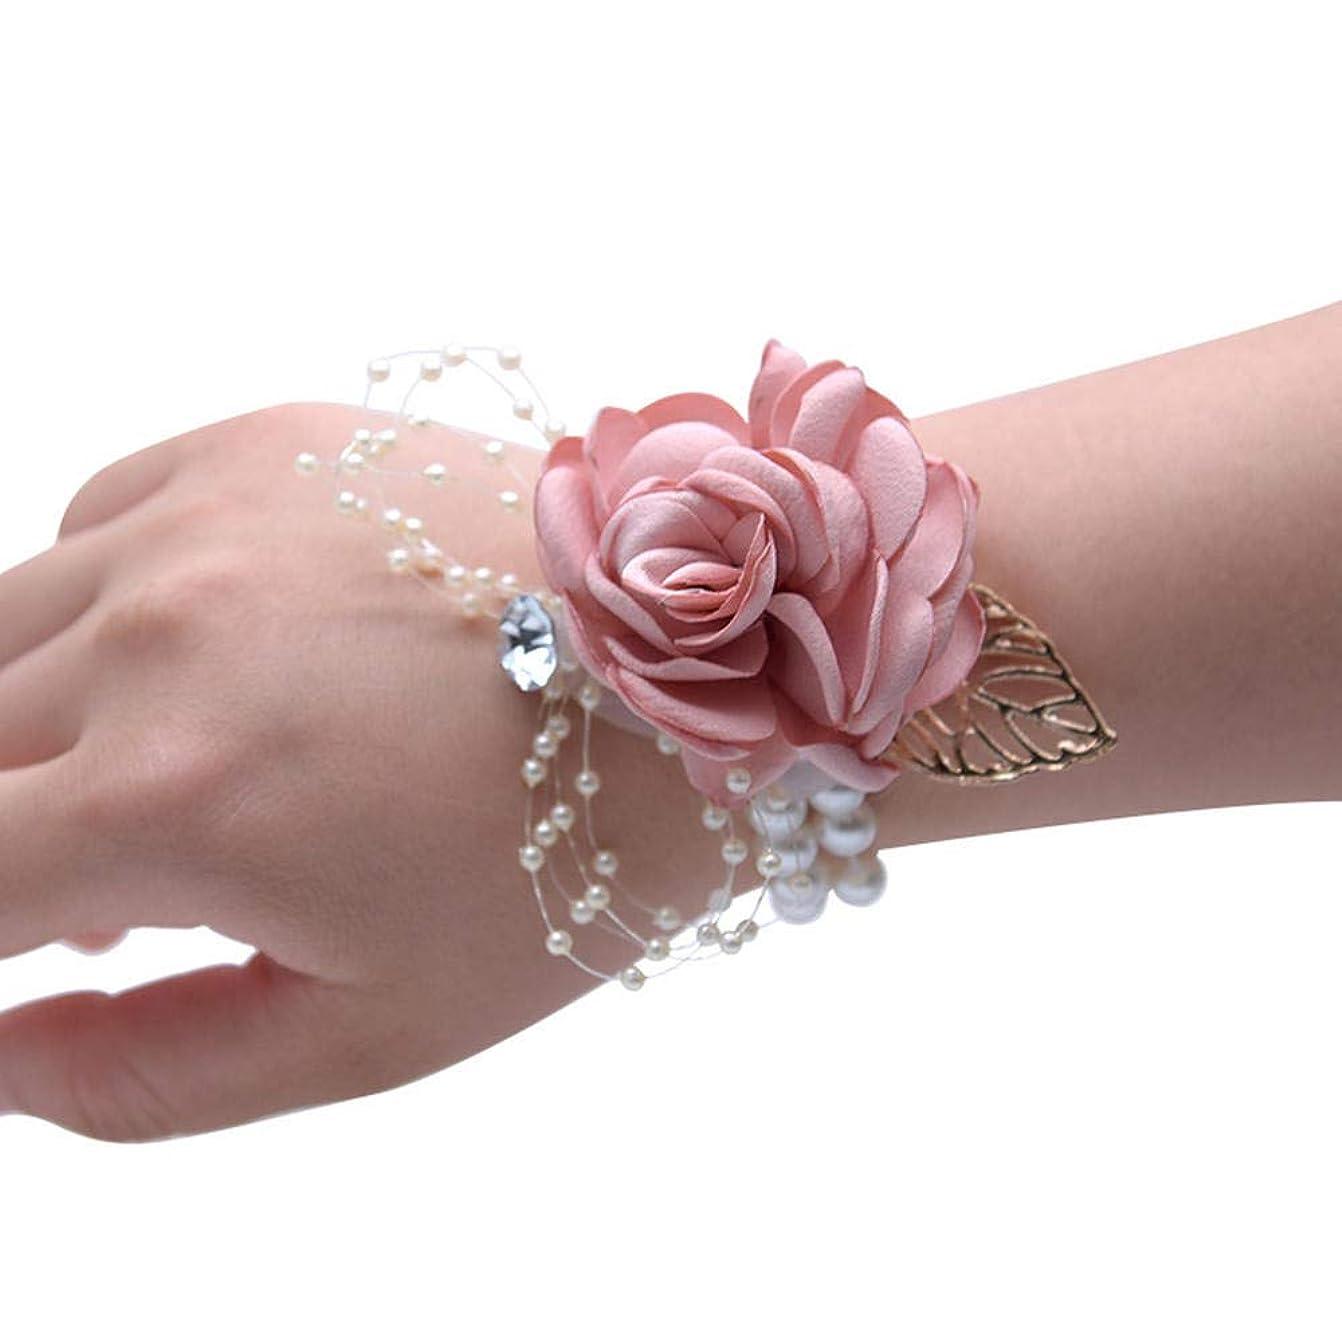 シーケンス仕立て屋スタイルMerssavo 手首の花 - 女の子チャーム手首コサージュブレスレット花嫁介添人姉妹の手の花のどの真珠の結婚式、ピンク